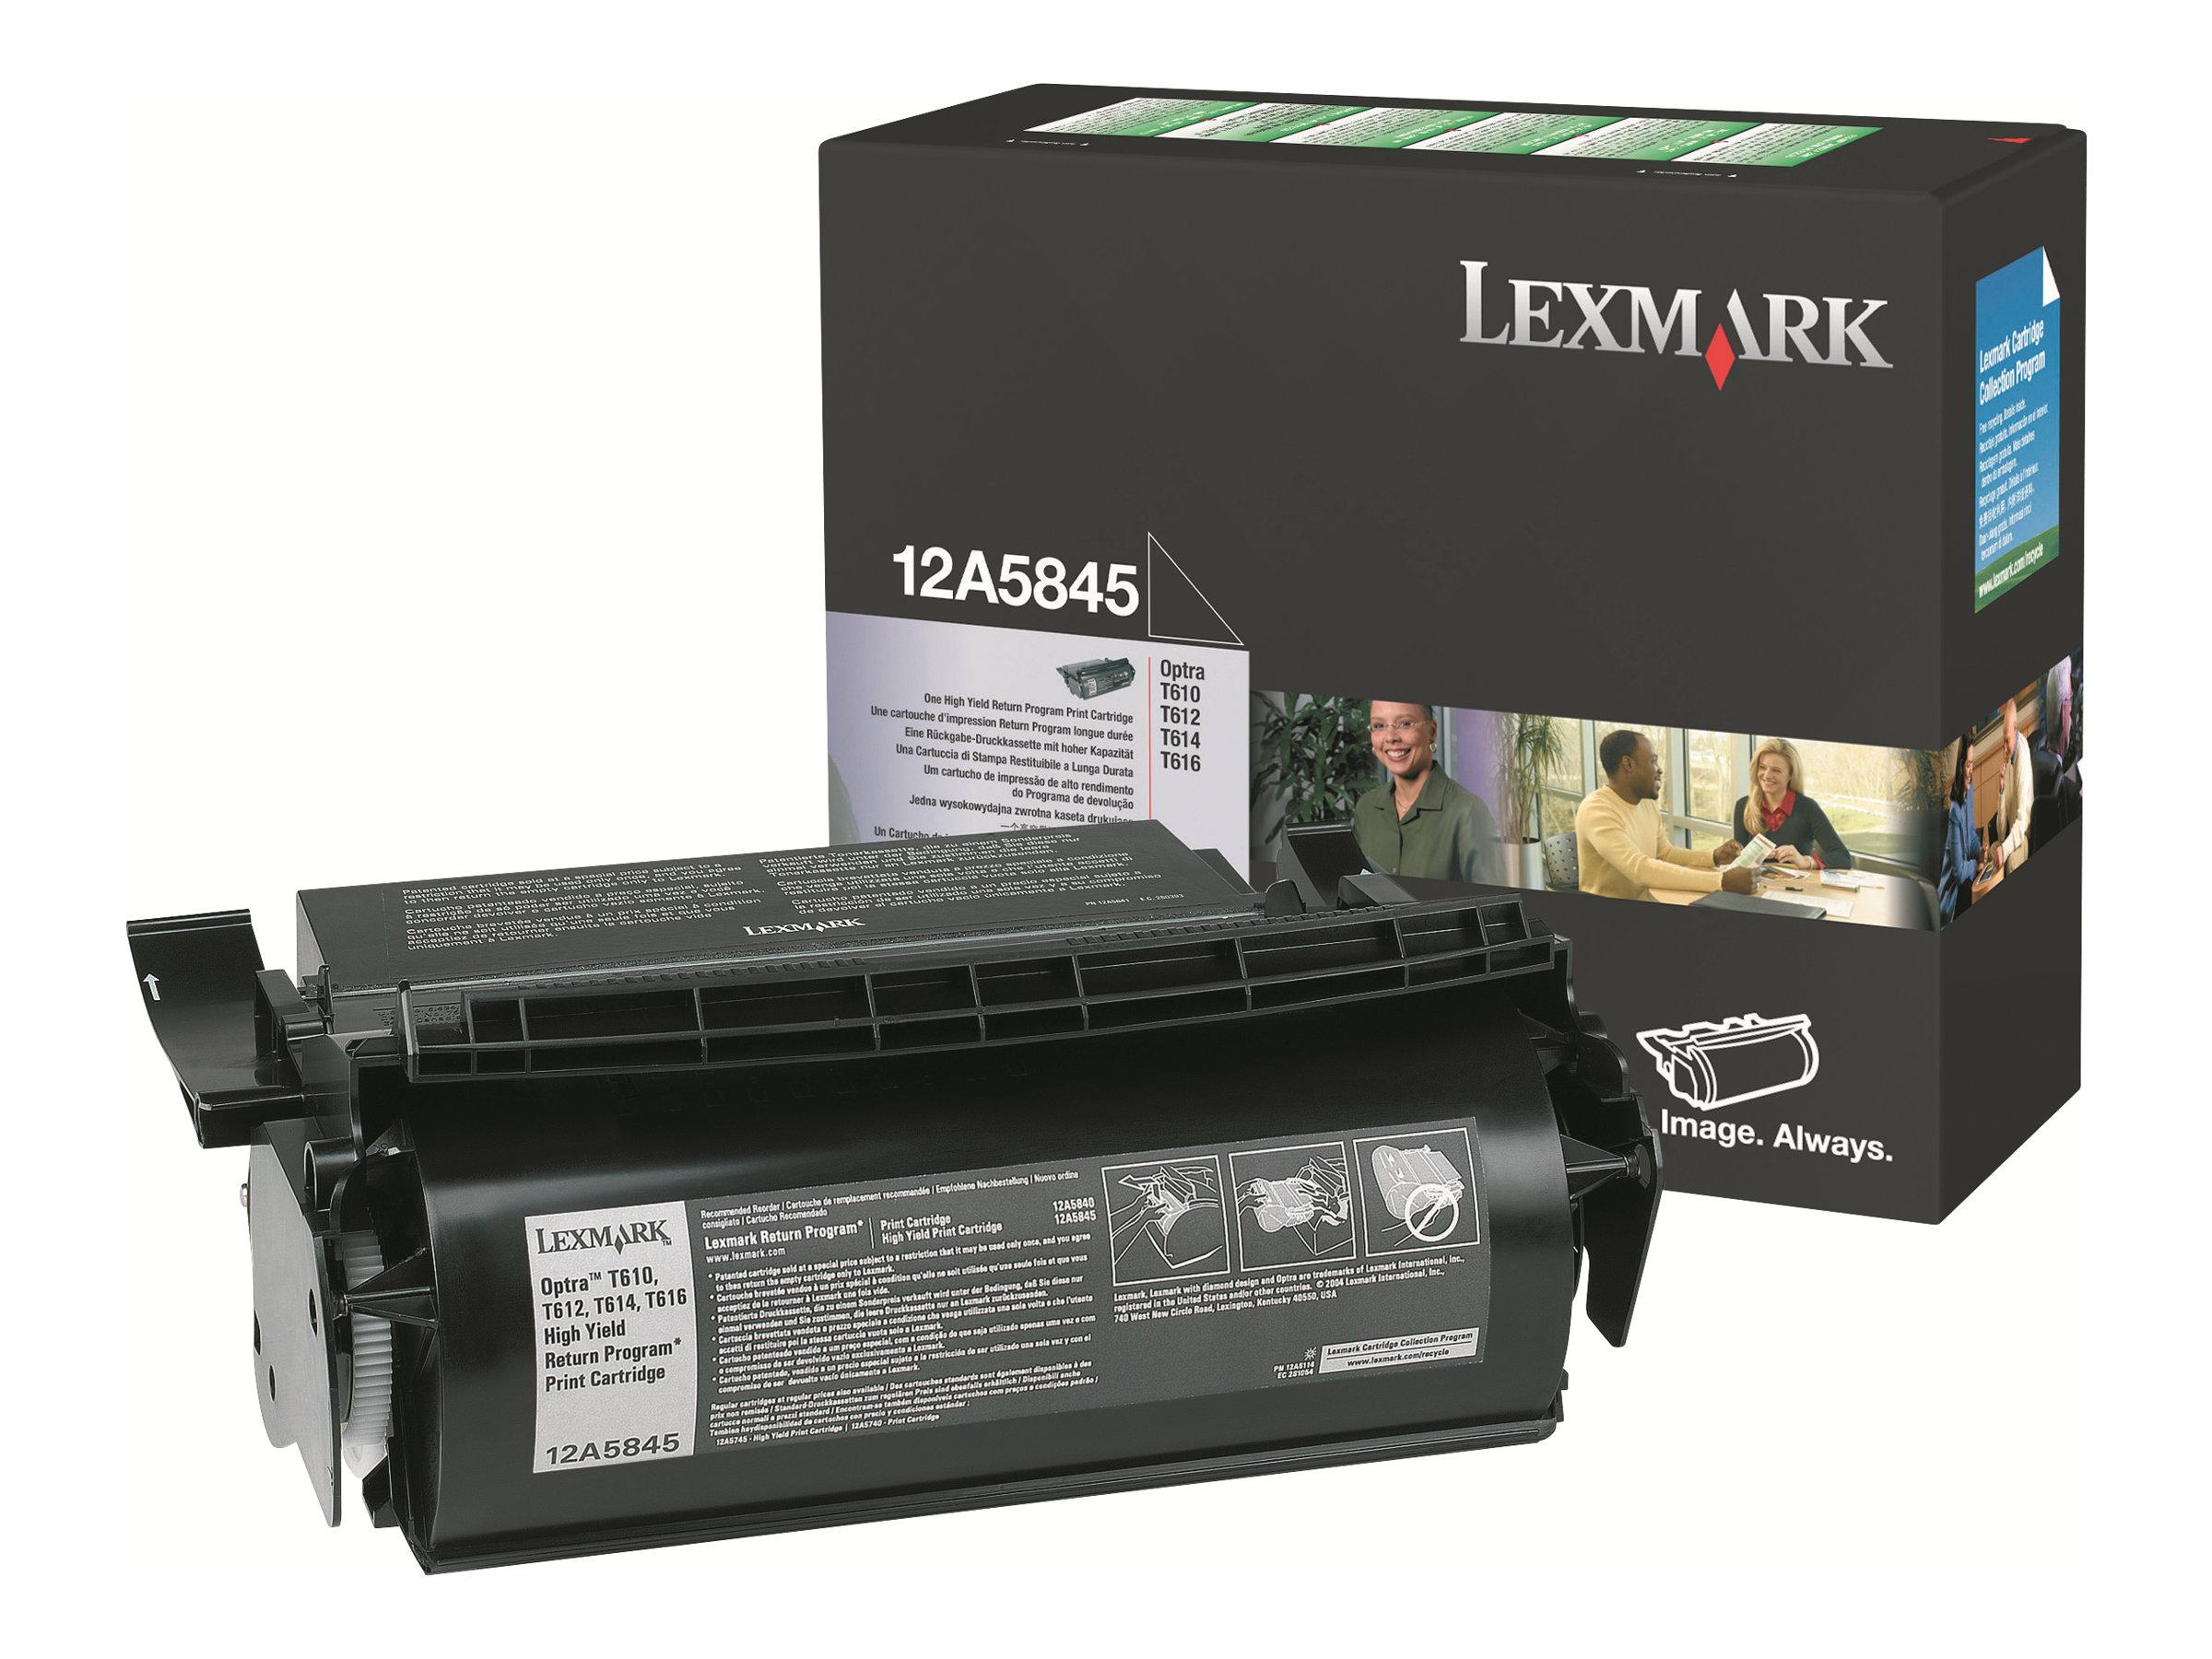 Lexmark - Schwarz - Original - Tonerpatrone LRP - für Optra T610, T612, T614, T616